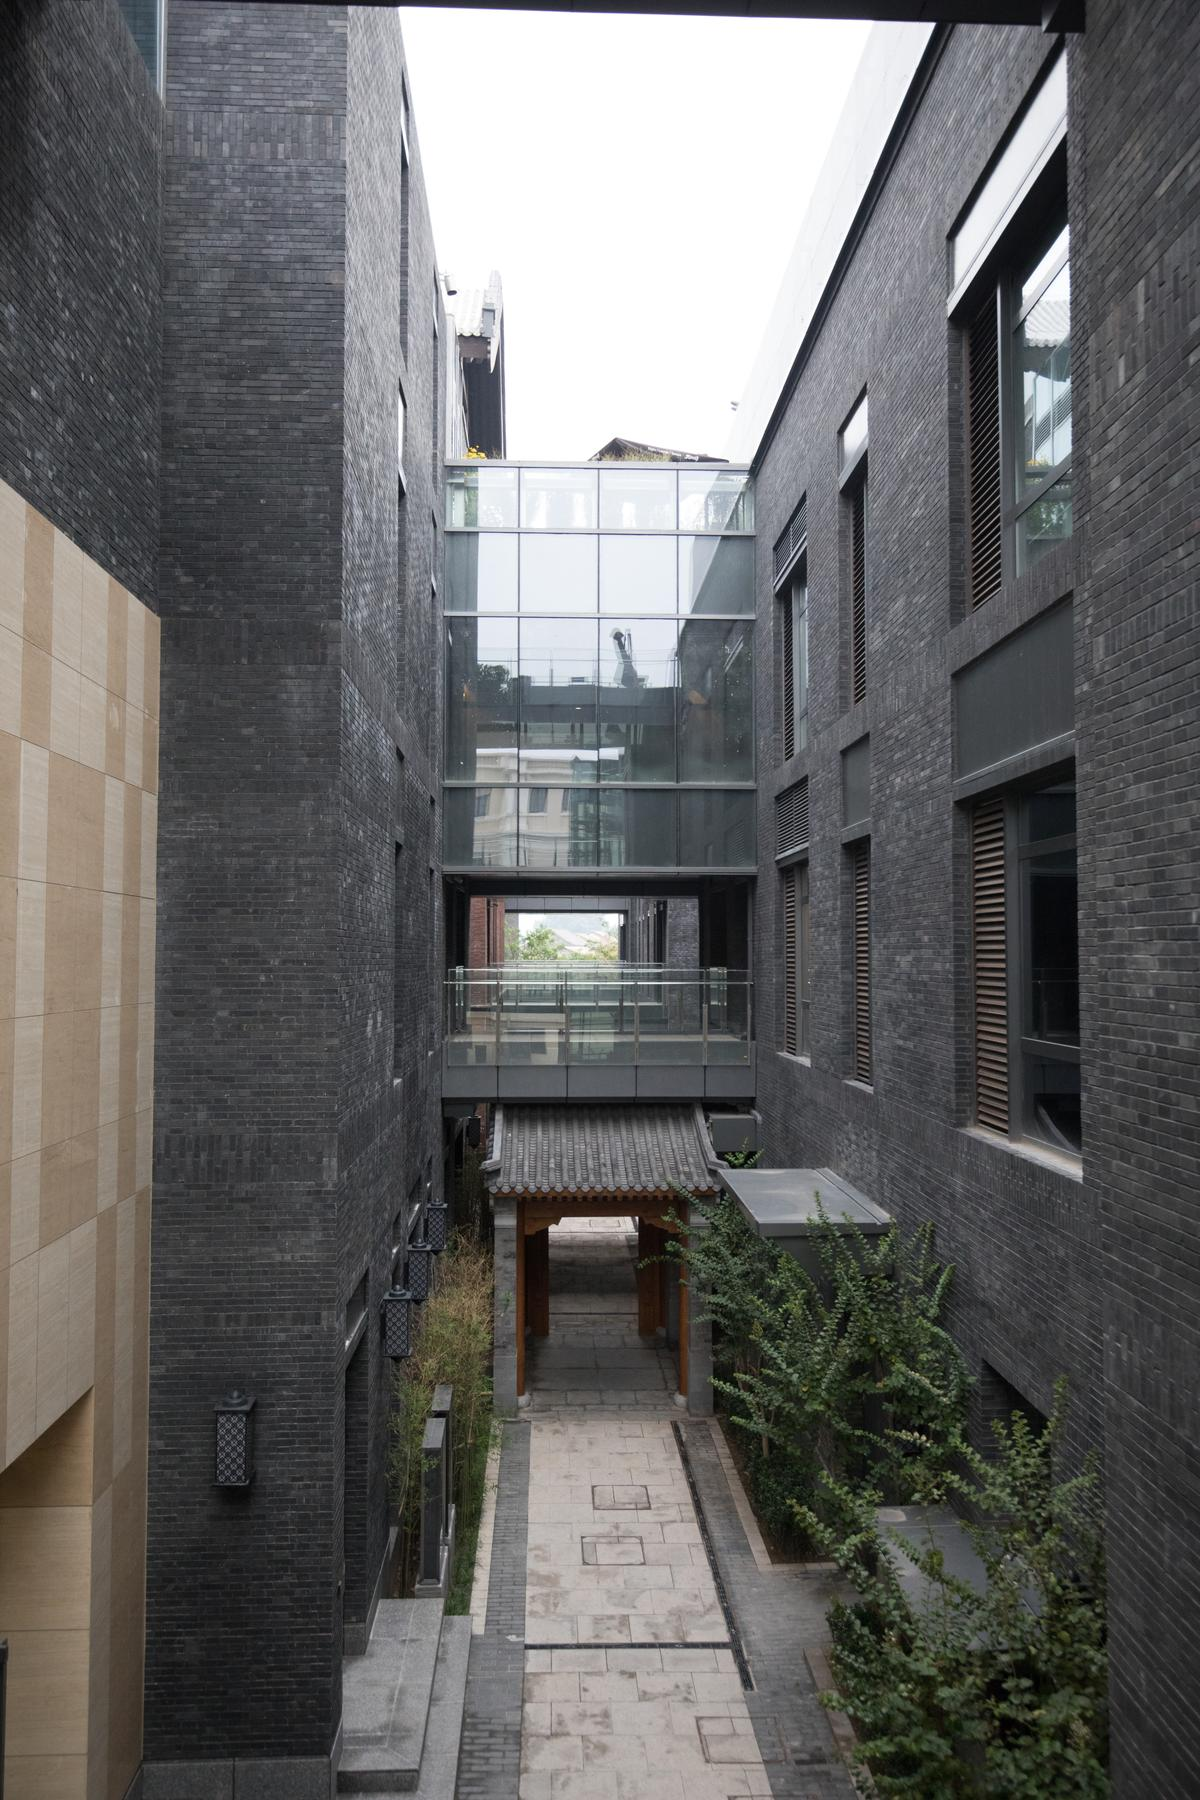 北京坊是前門新建起的購物中心,仿效老胡同外觀設計。